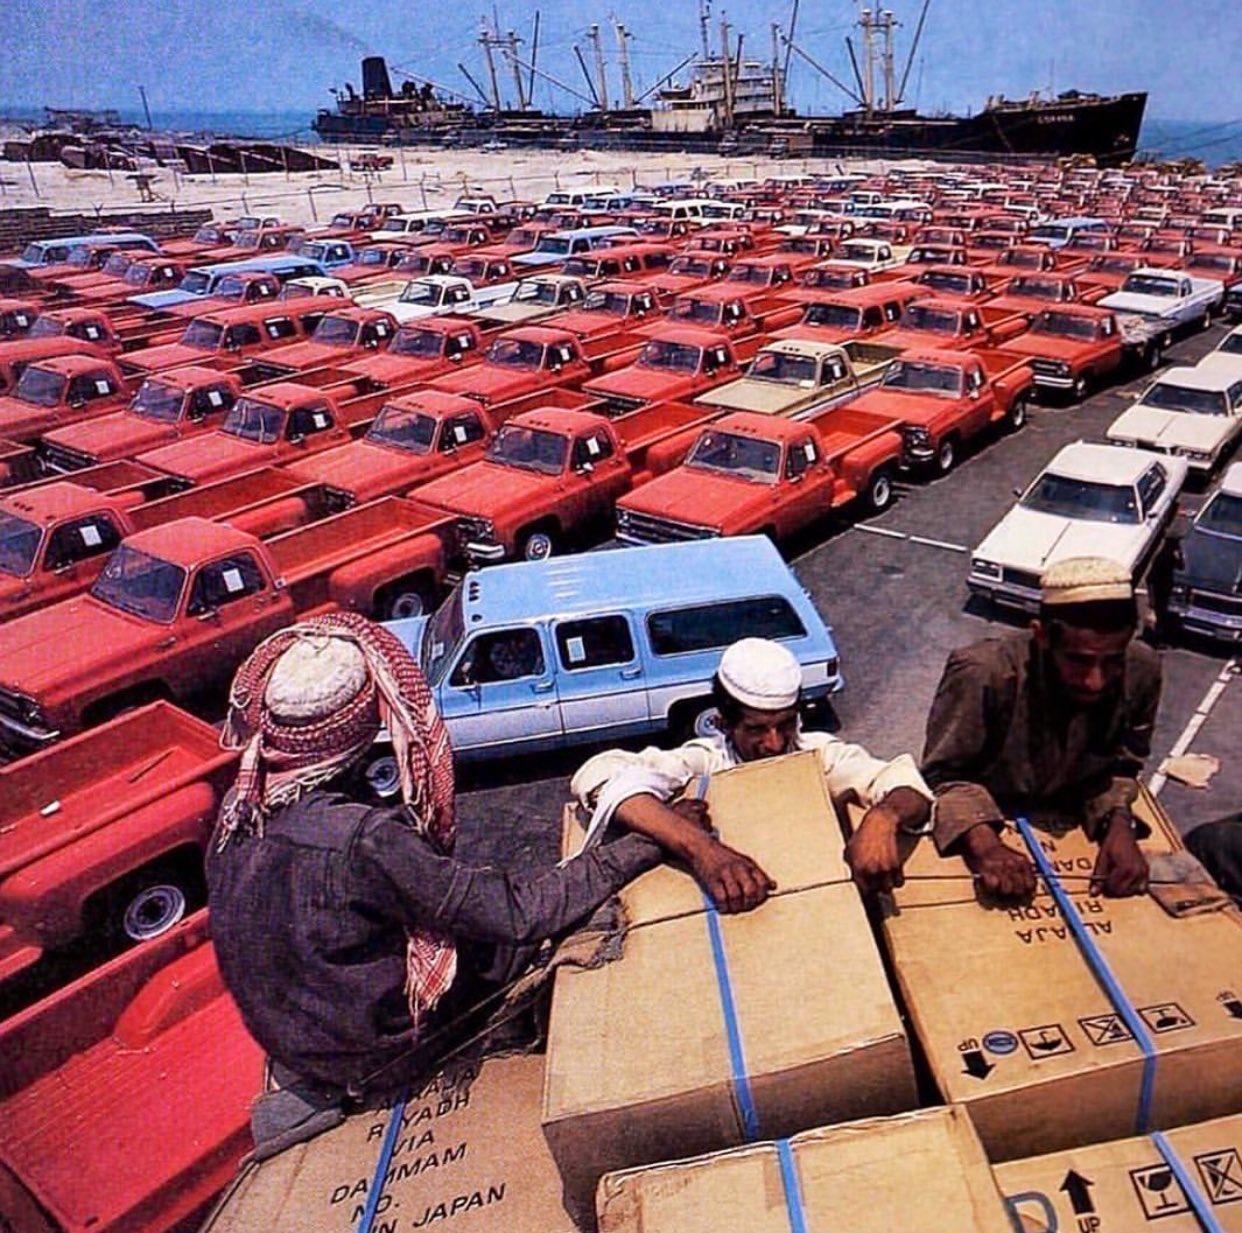 شحنة من سيارات GMC في الدمام قديما